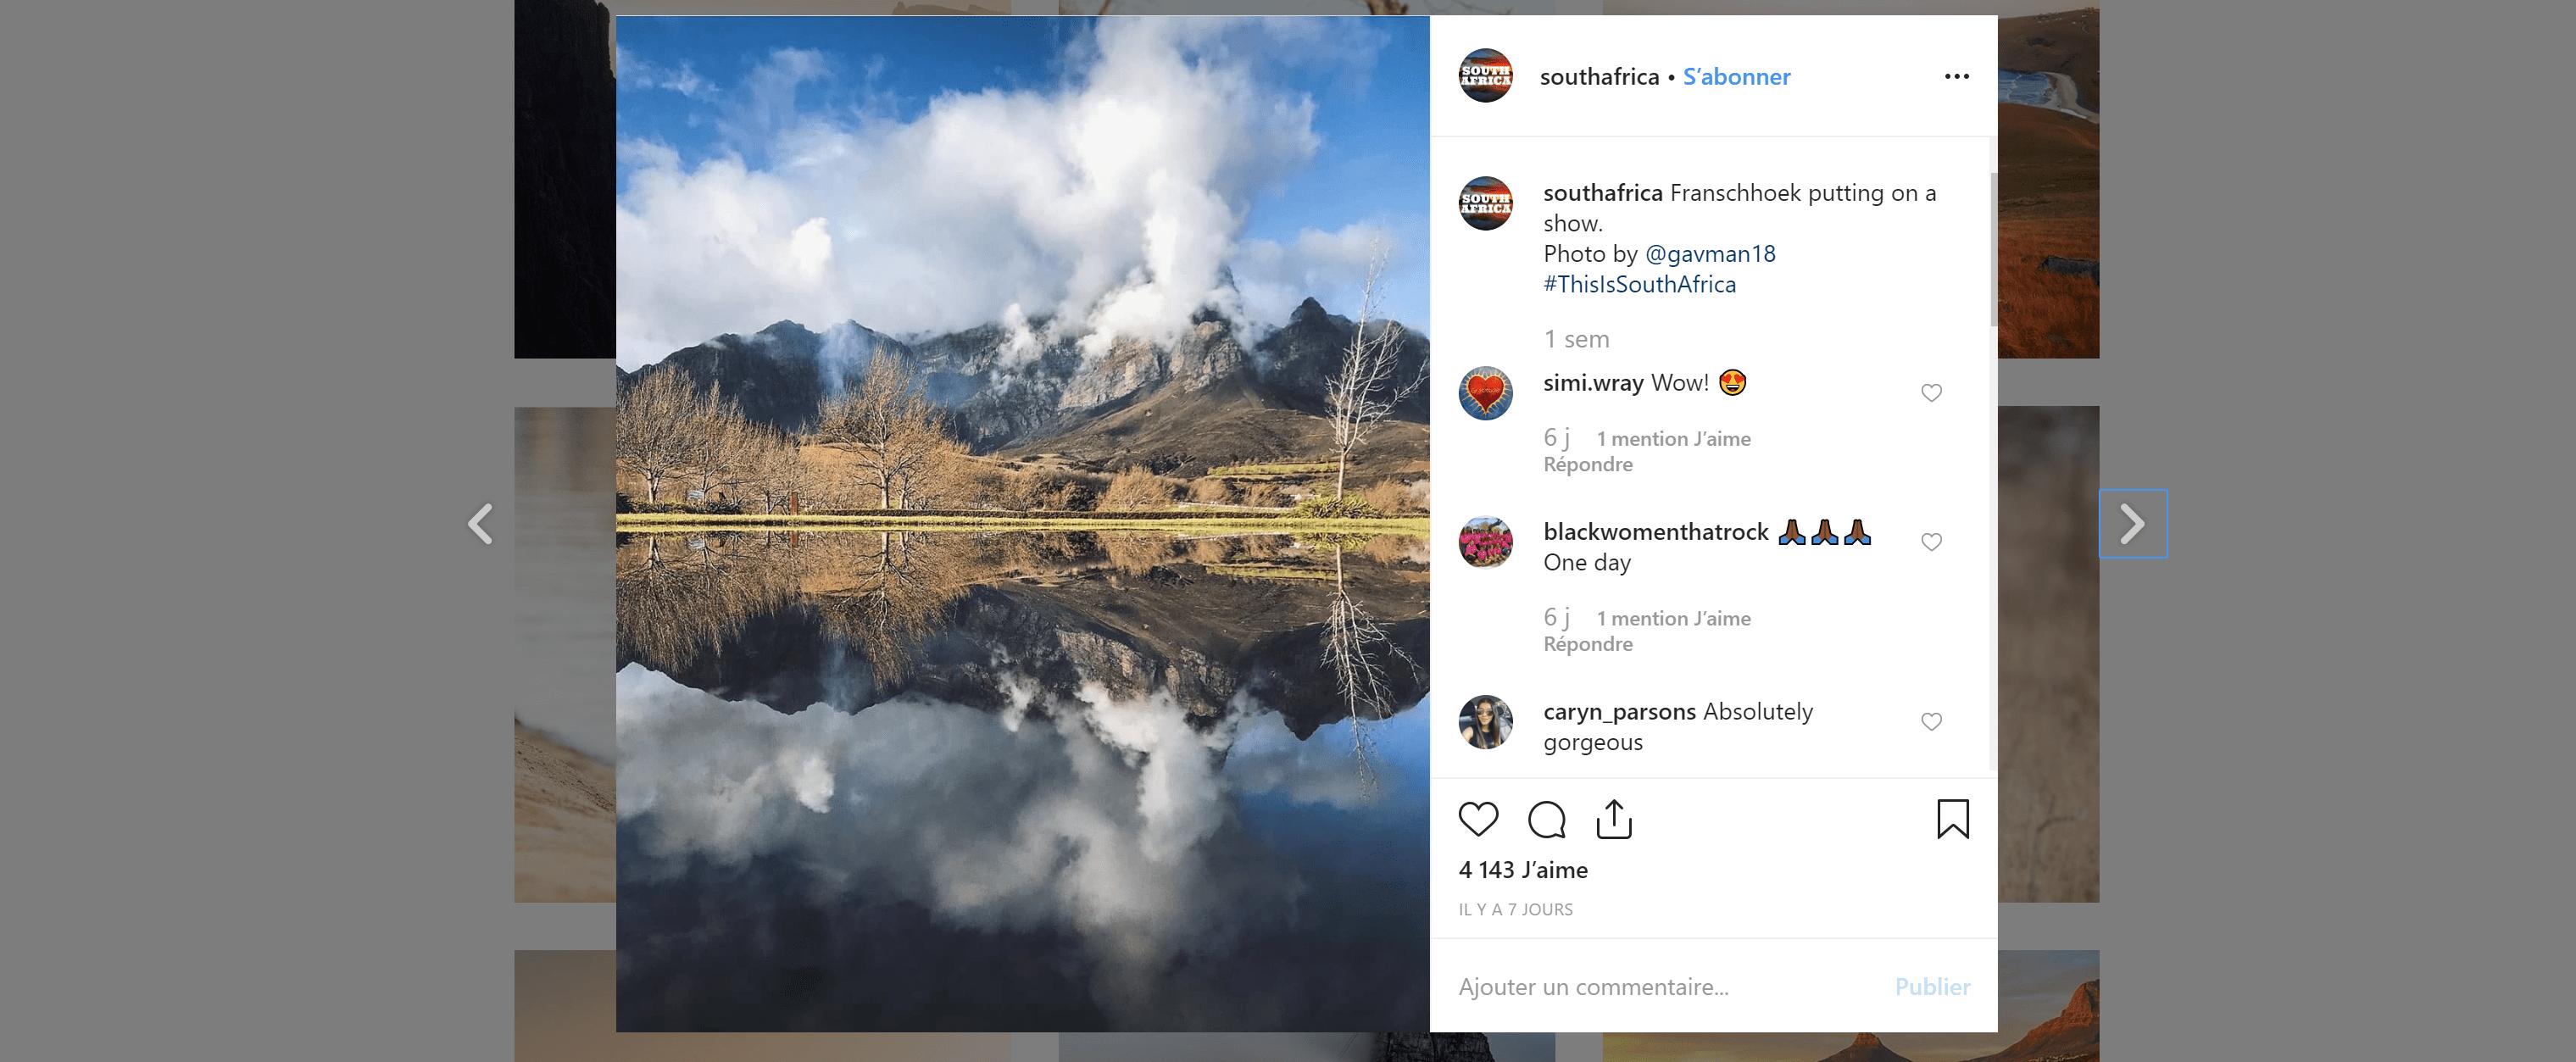 Promouvoir l'Afrique du Sud via Instagram